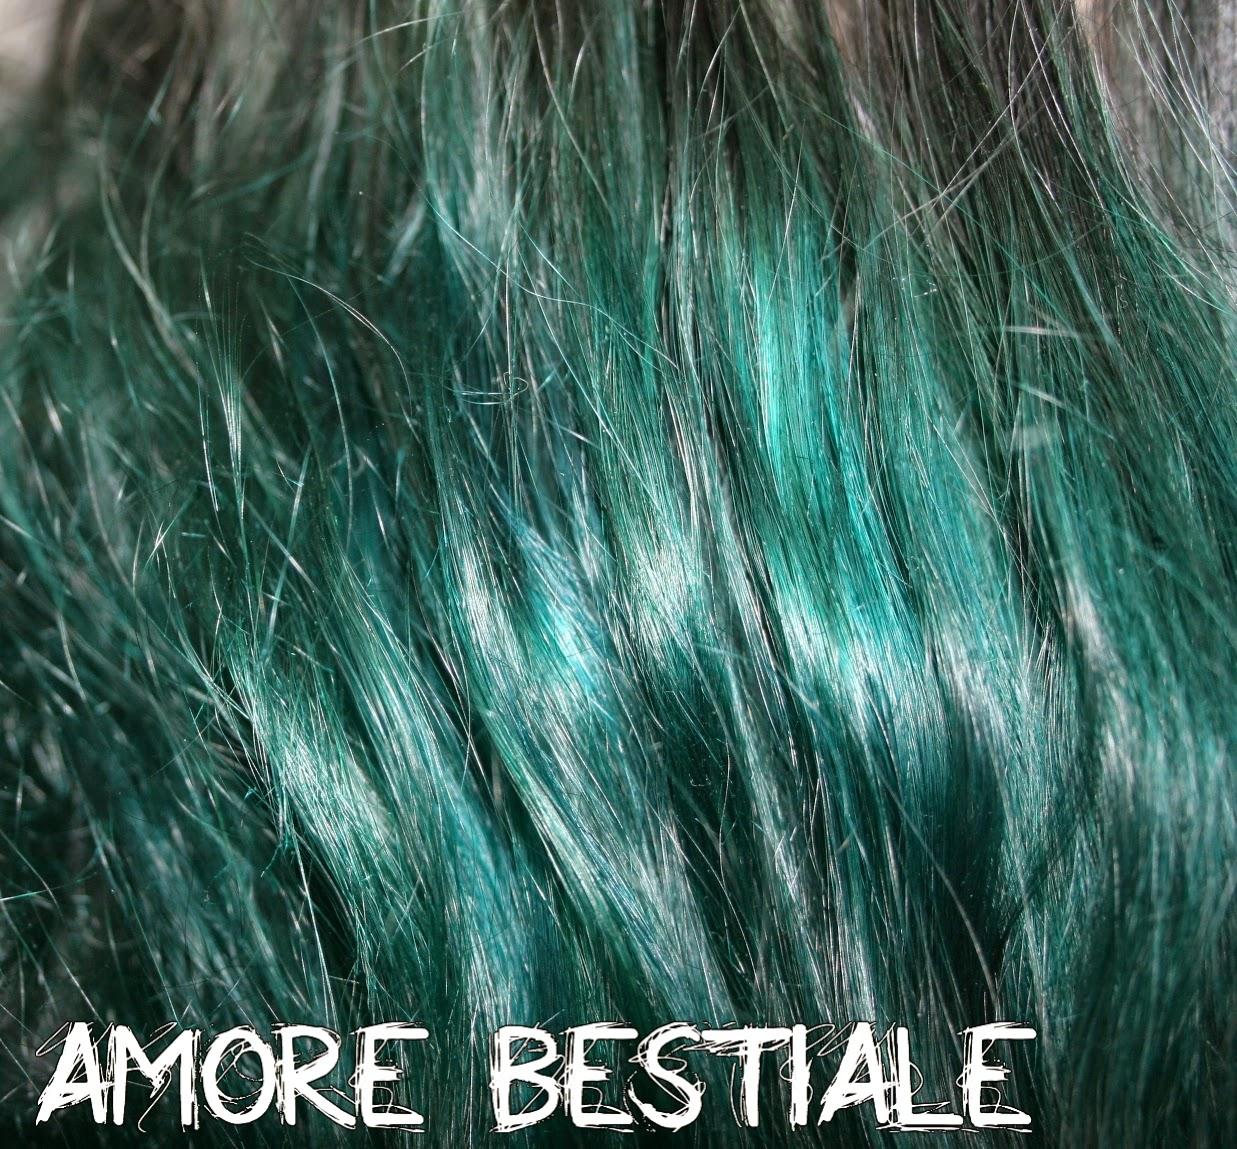 Amore bestiale tinte per capelli manic panic for Tinte per capelli non nocive